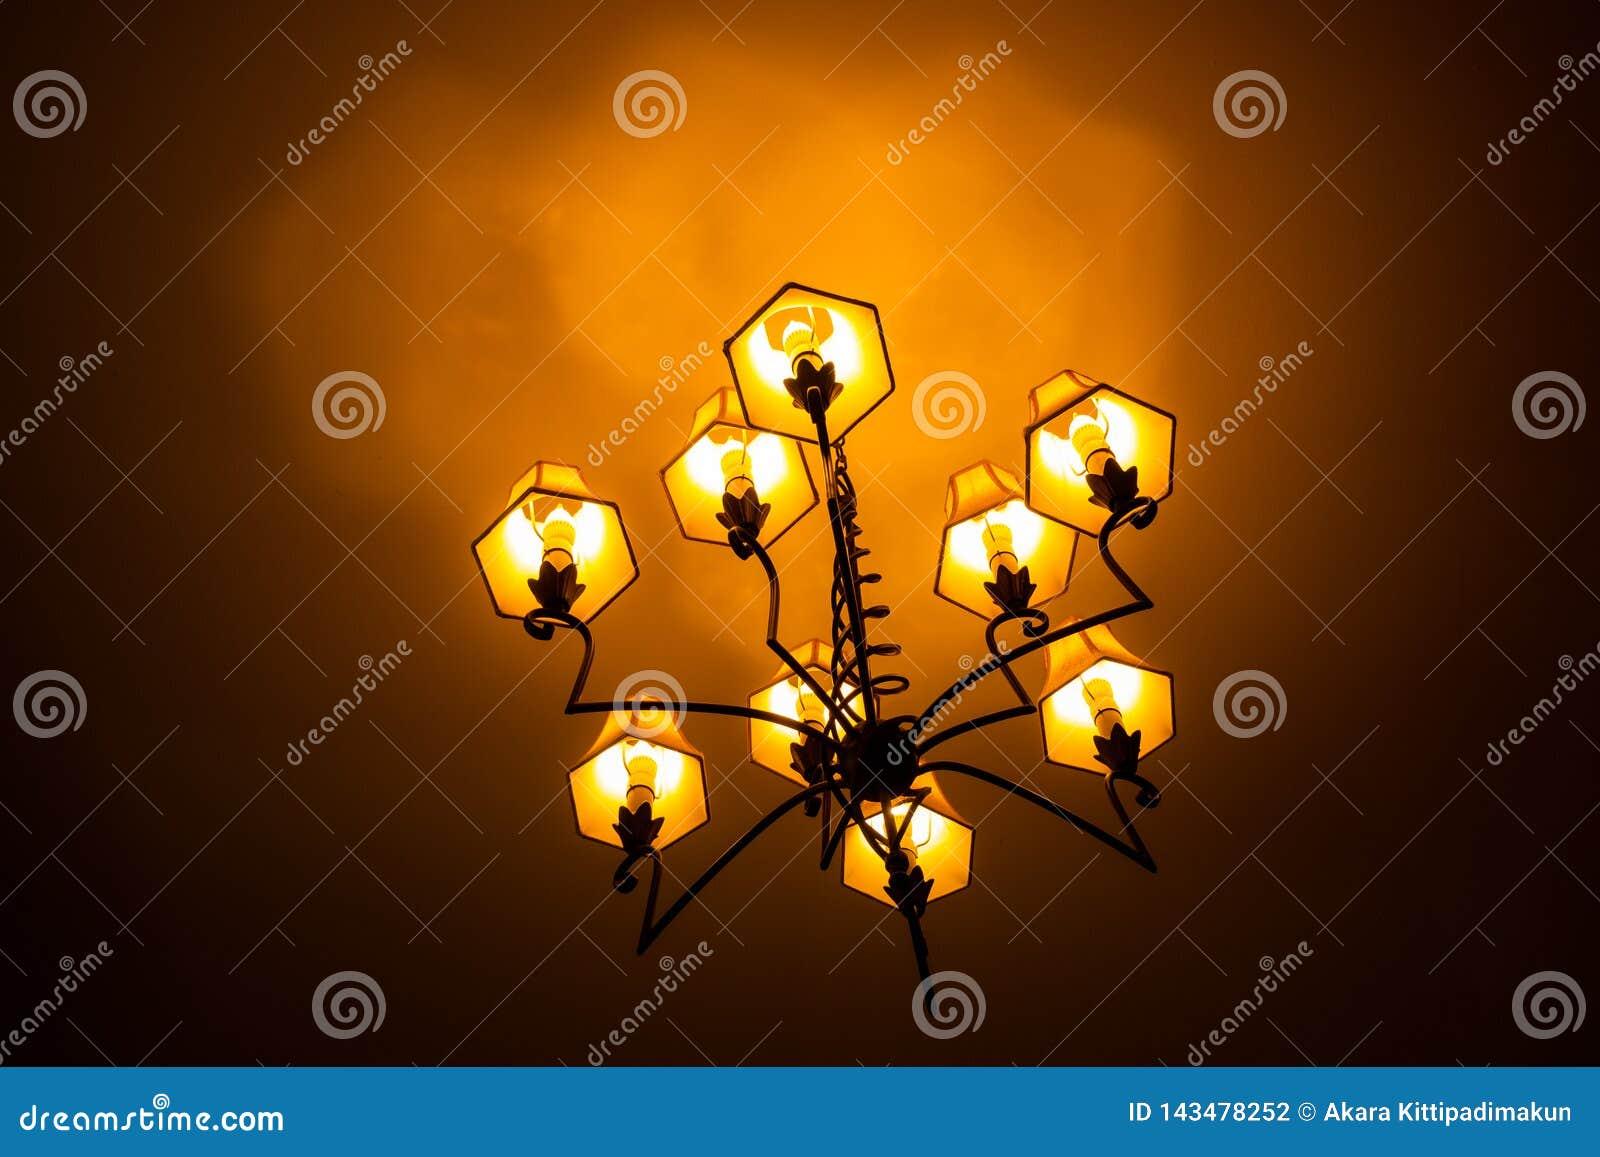 Plafoniera isolata circondata da oscurità